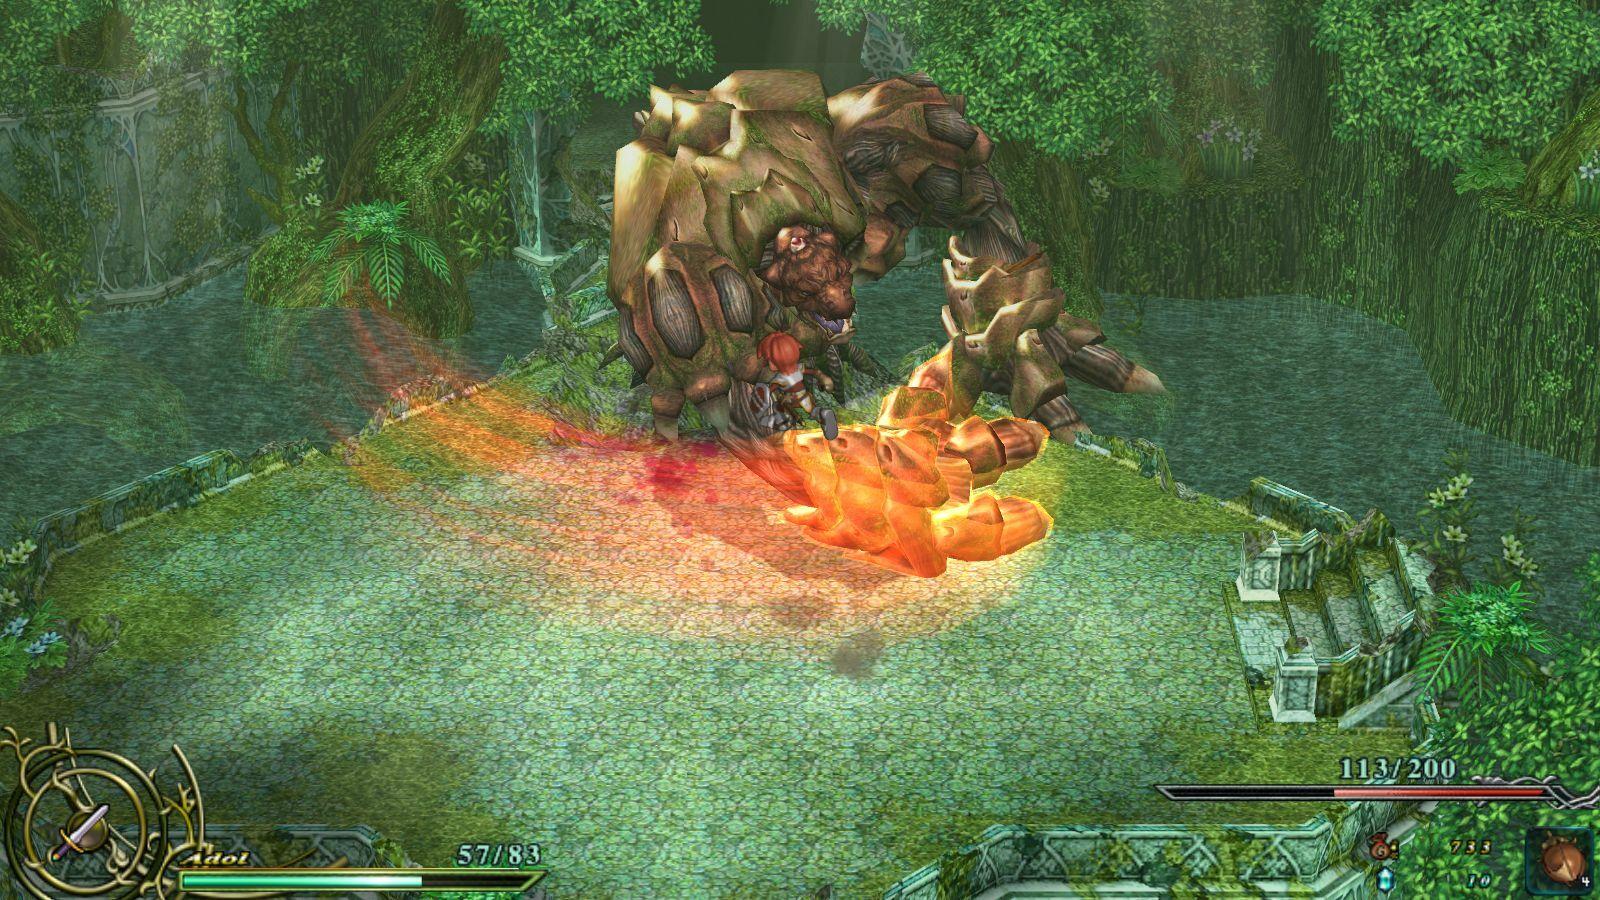 ys-vi-the-ark-of-napishtim-pc-screenshot-4